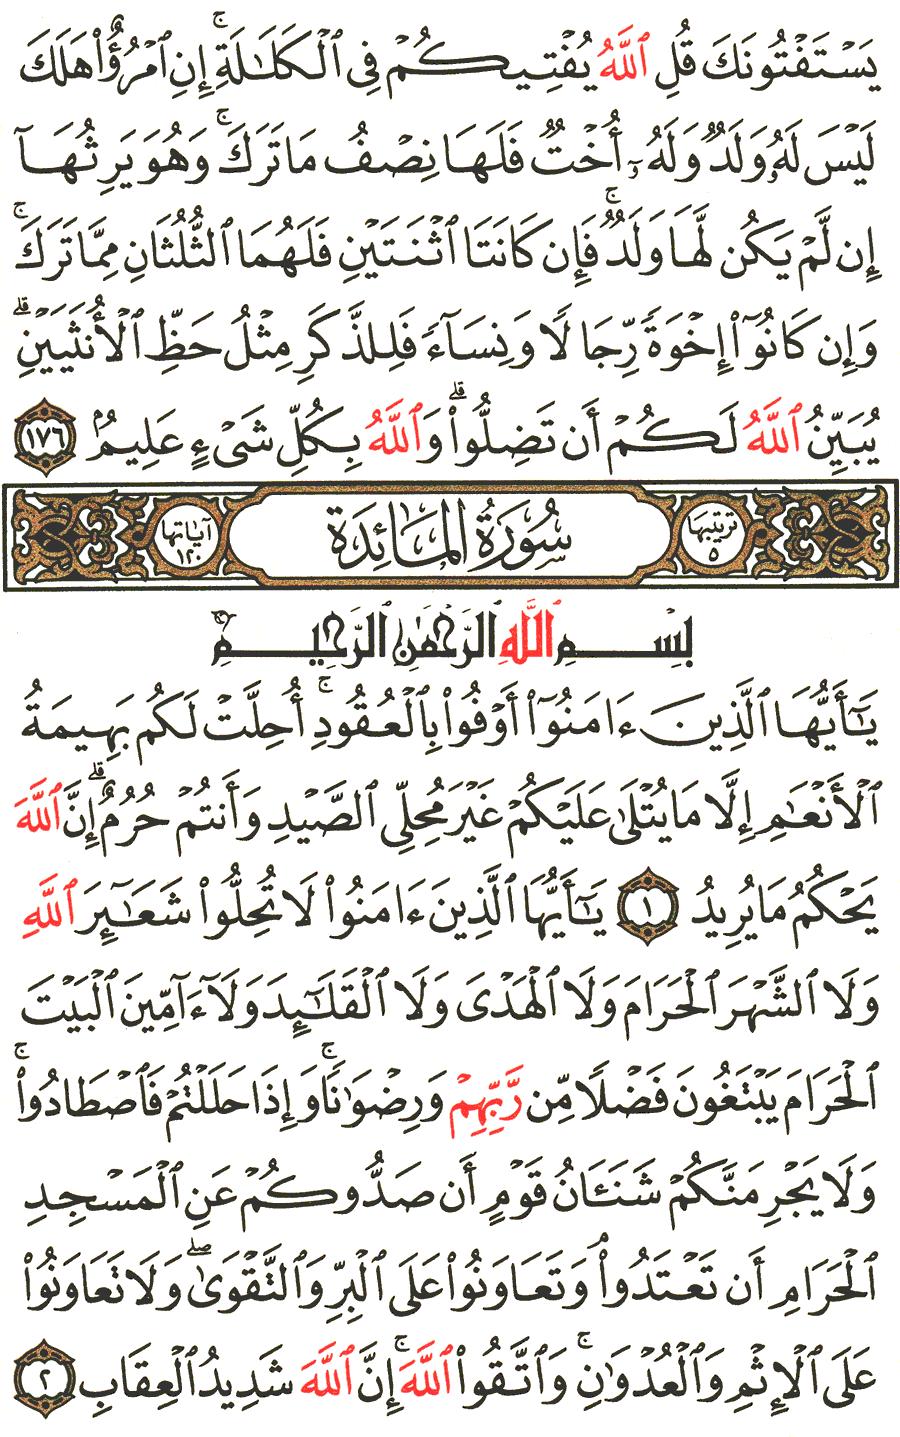 الصفحة رقم 106 من القرآن الكريم مكتوبة من المصحف